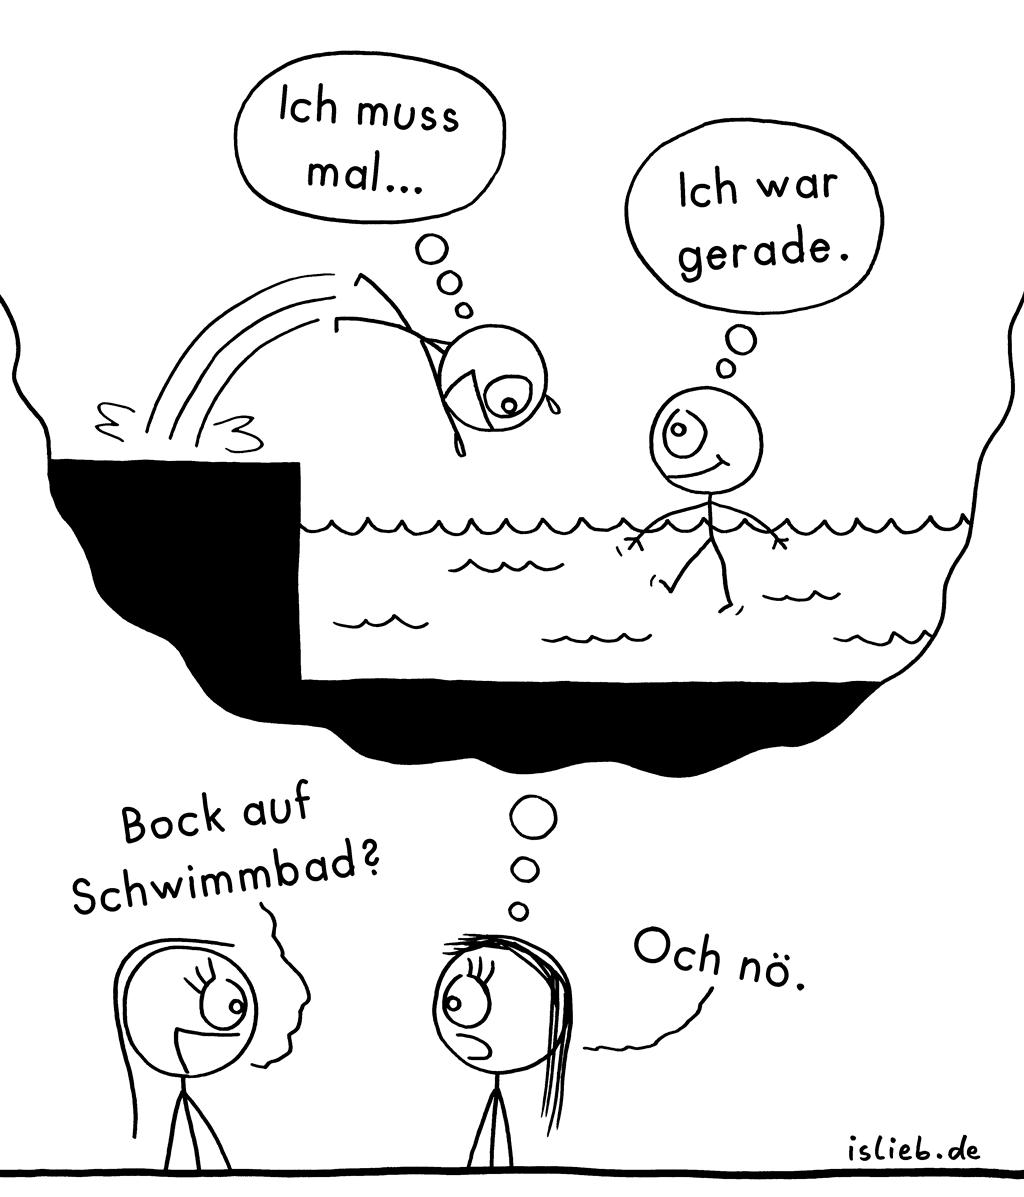 Schwimmbad | Strichmännchen-Comic | is lieb? | Ich muss mal. Ich war gerade. Bock auf Schwimmbad? Och nö. | Freibad, schwimmen, Hygiene, pinkeln